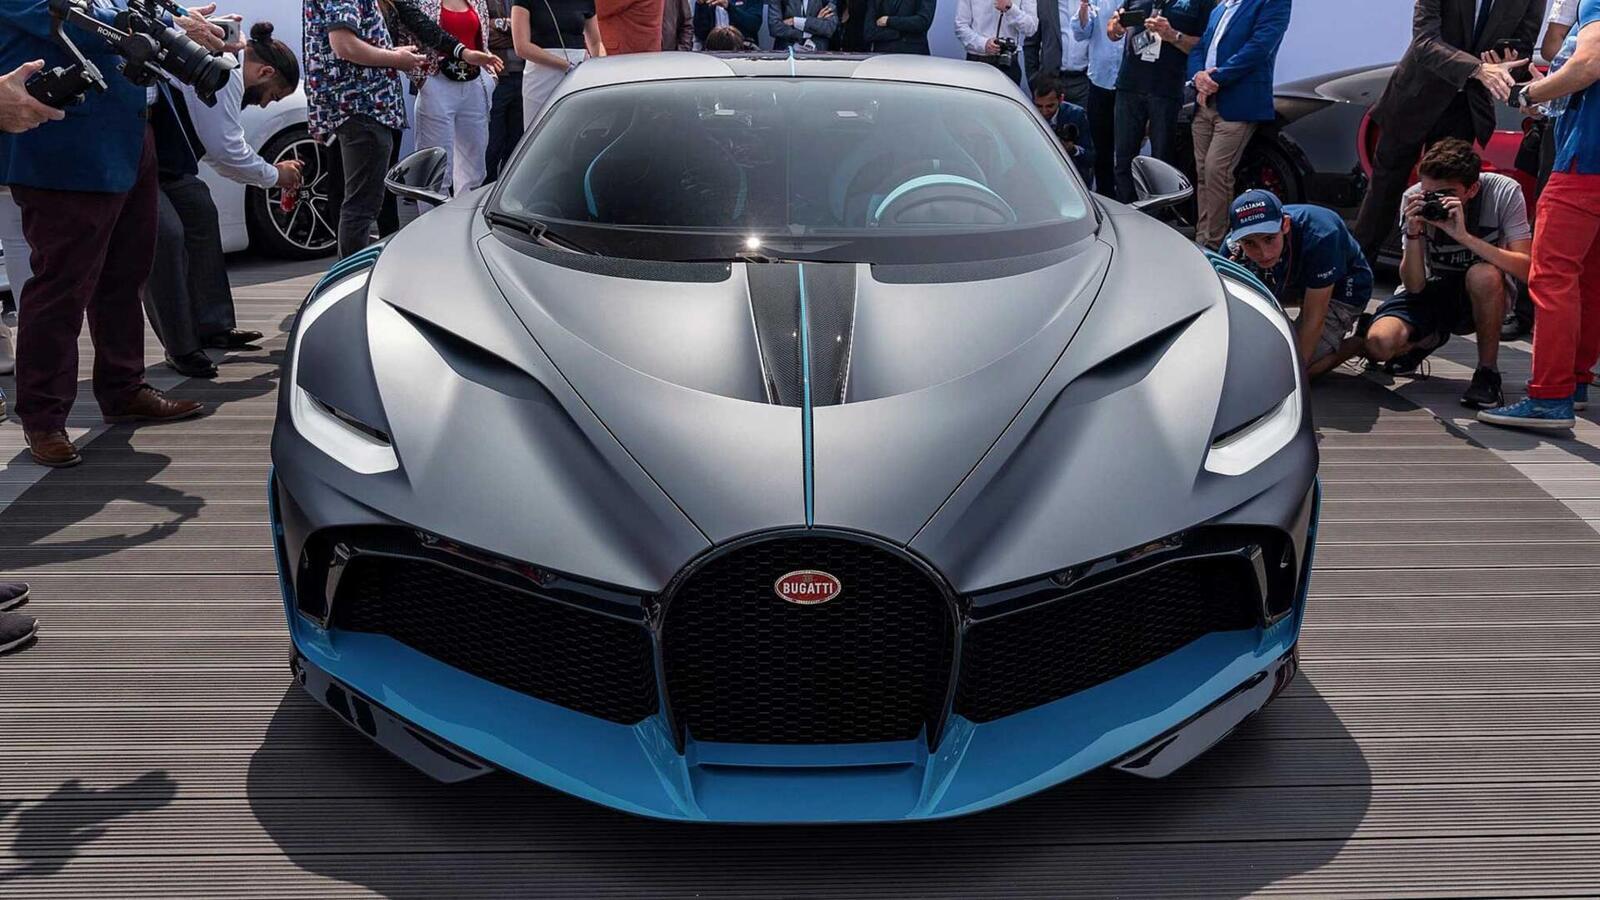 Một trong 40 chiếc Bugatti Divo đang được bán với giá 7,5 triệu USD (hơn 173 tỷ đồng) - Hình 12